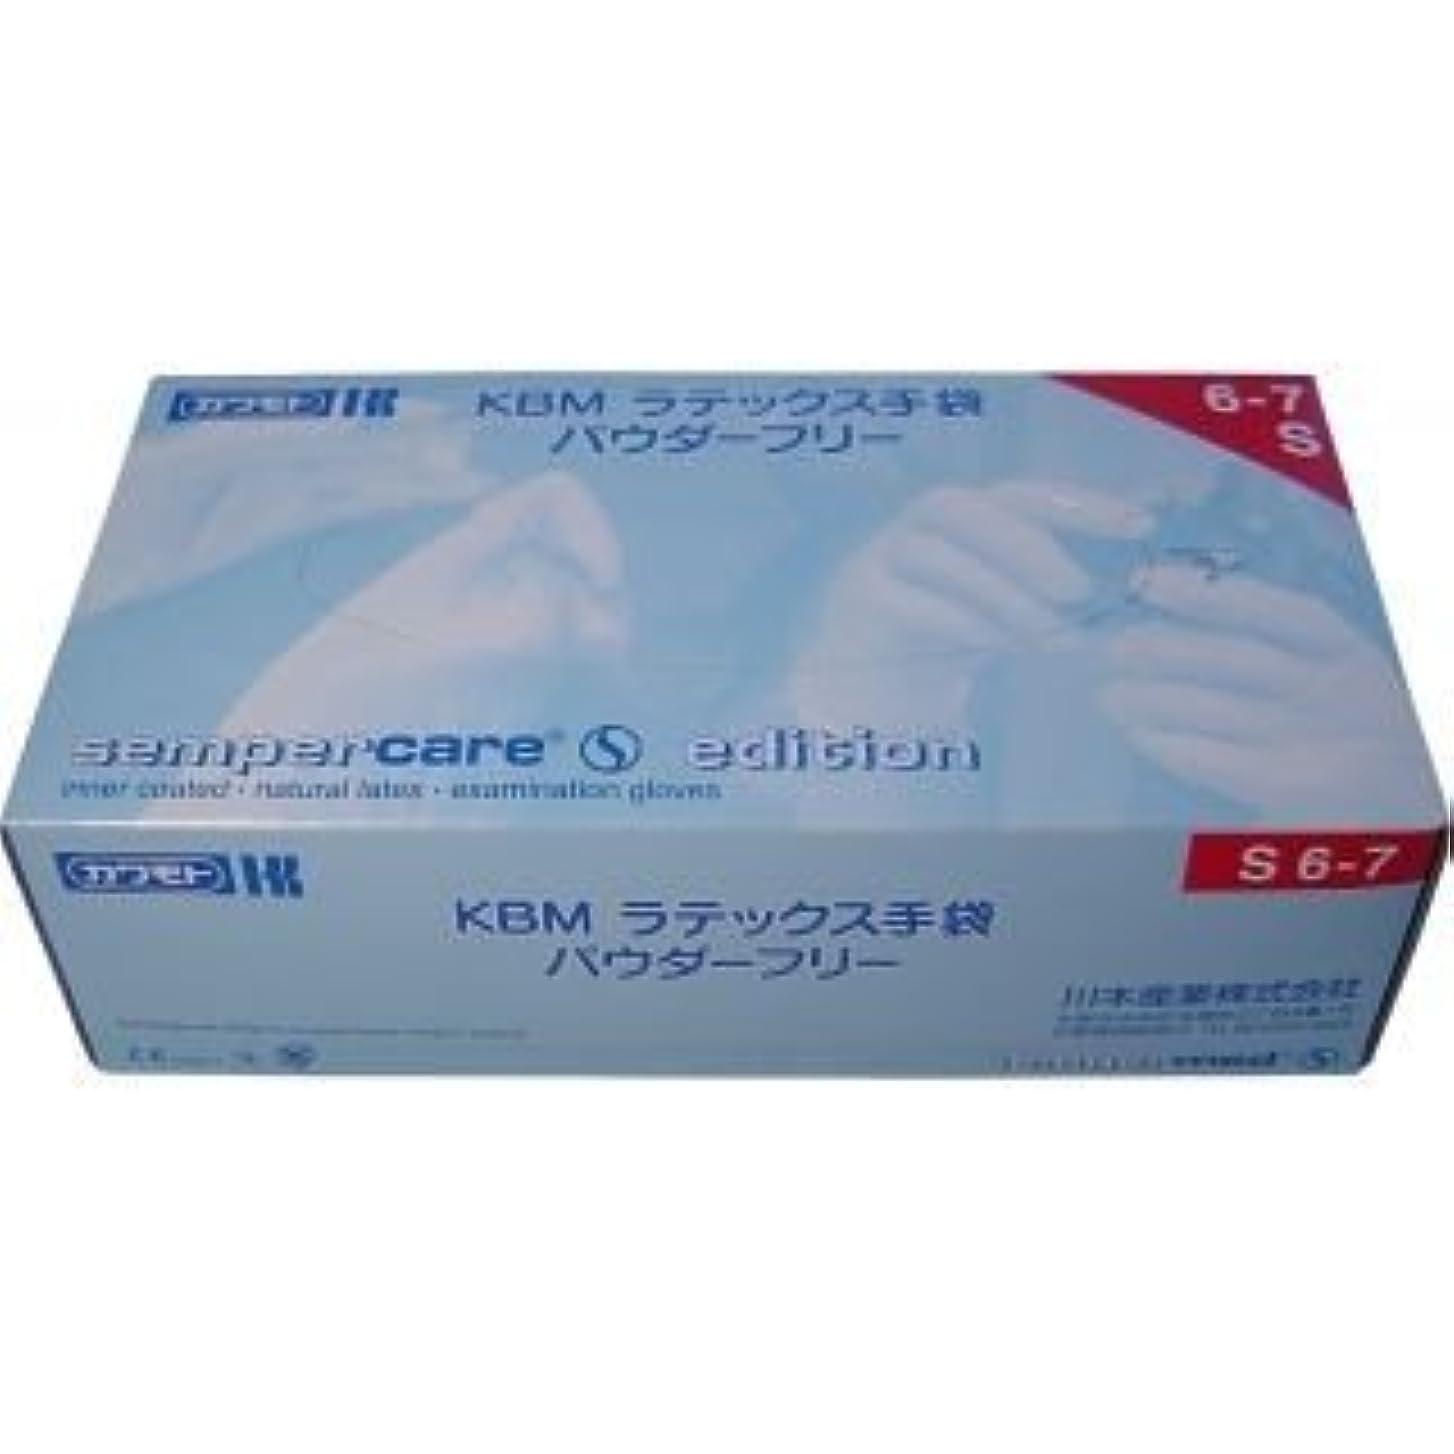 一次悲惨なキルスKBMラテックス手袋 パウダーフリー Sサイズ 100枚入【2個セット】